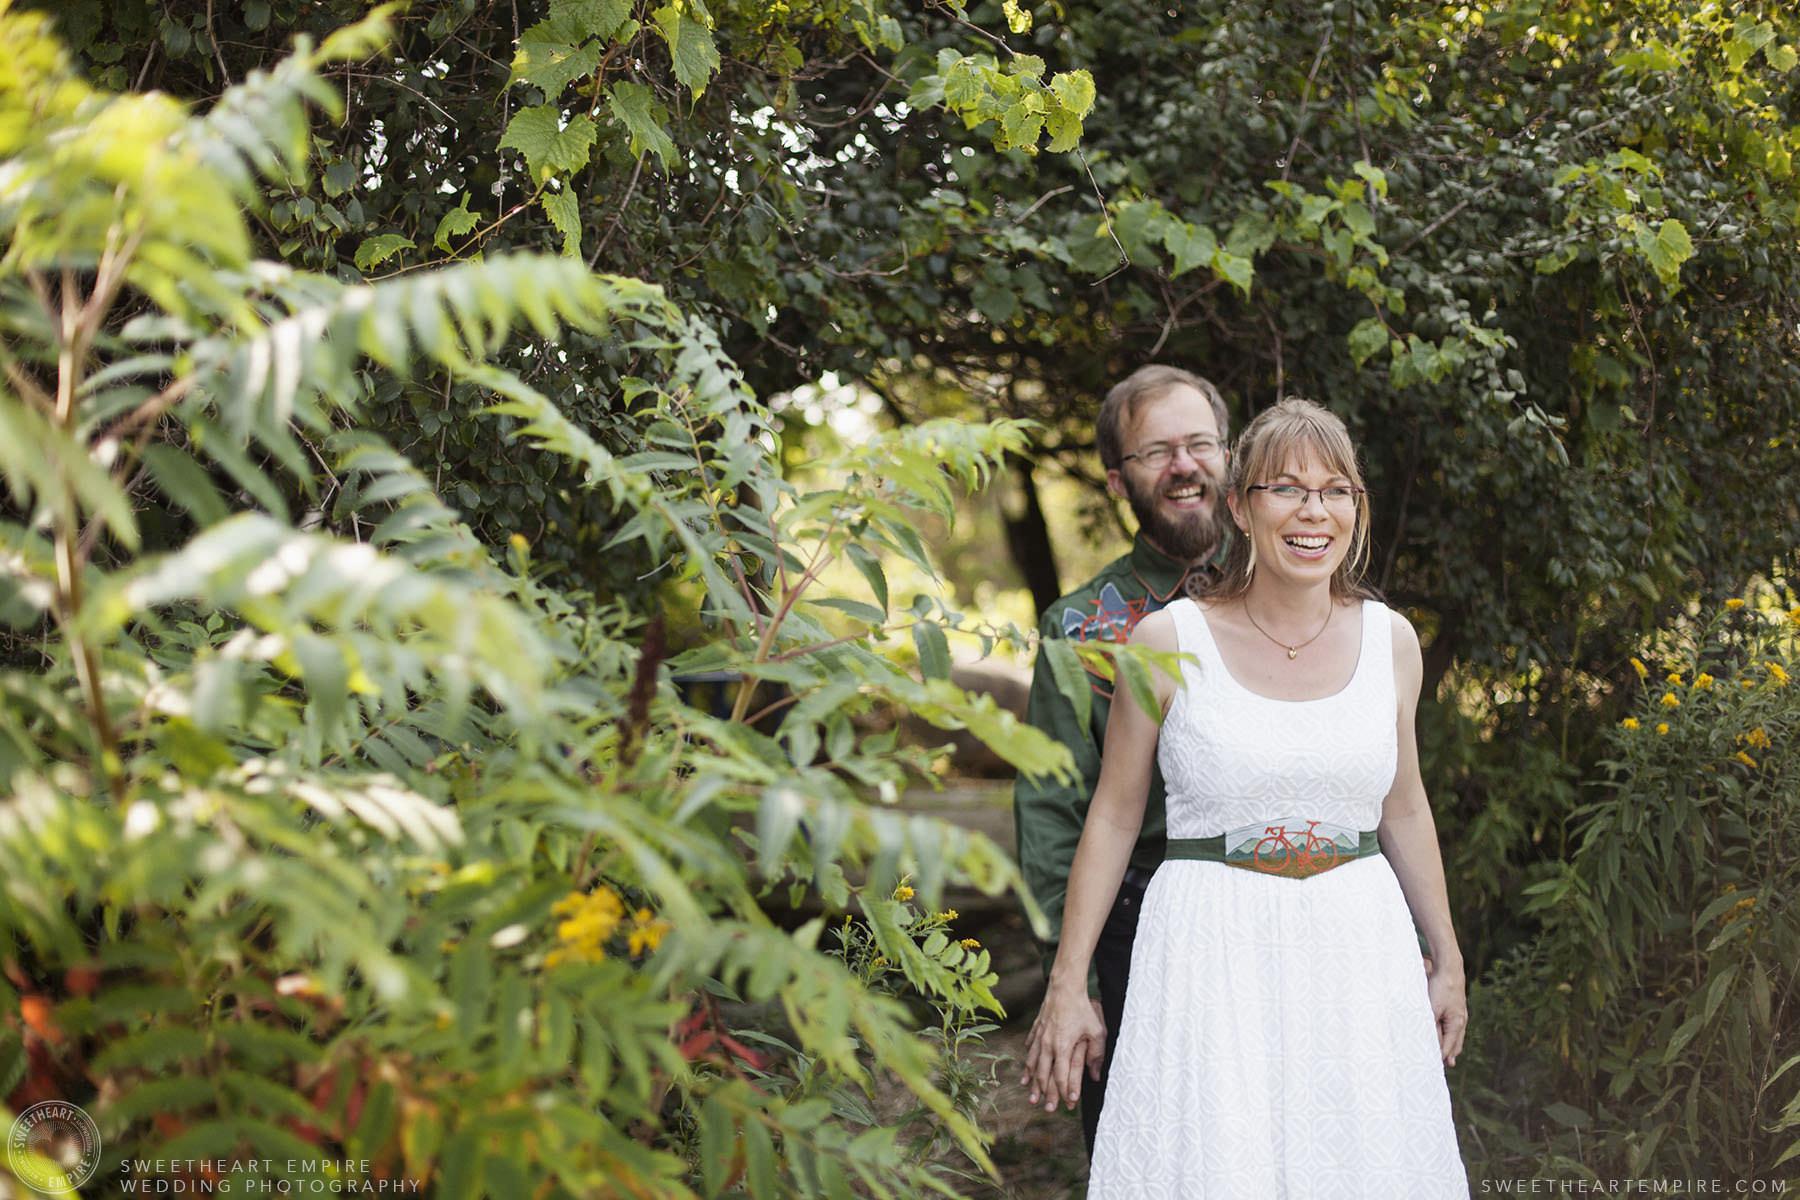 Prince-Edward-County-Wedding_15.jpg